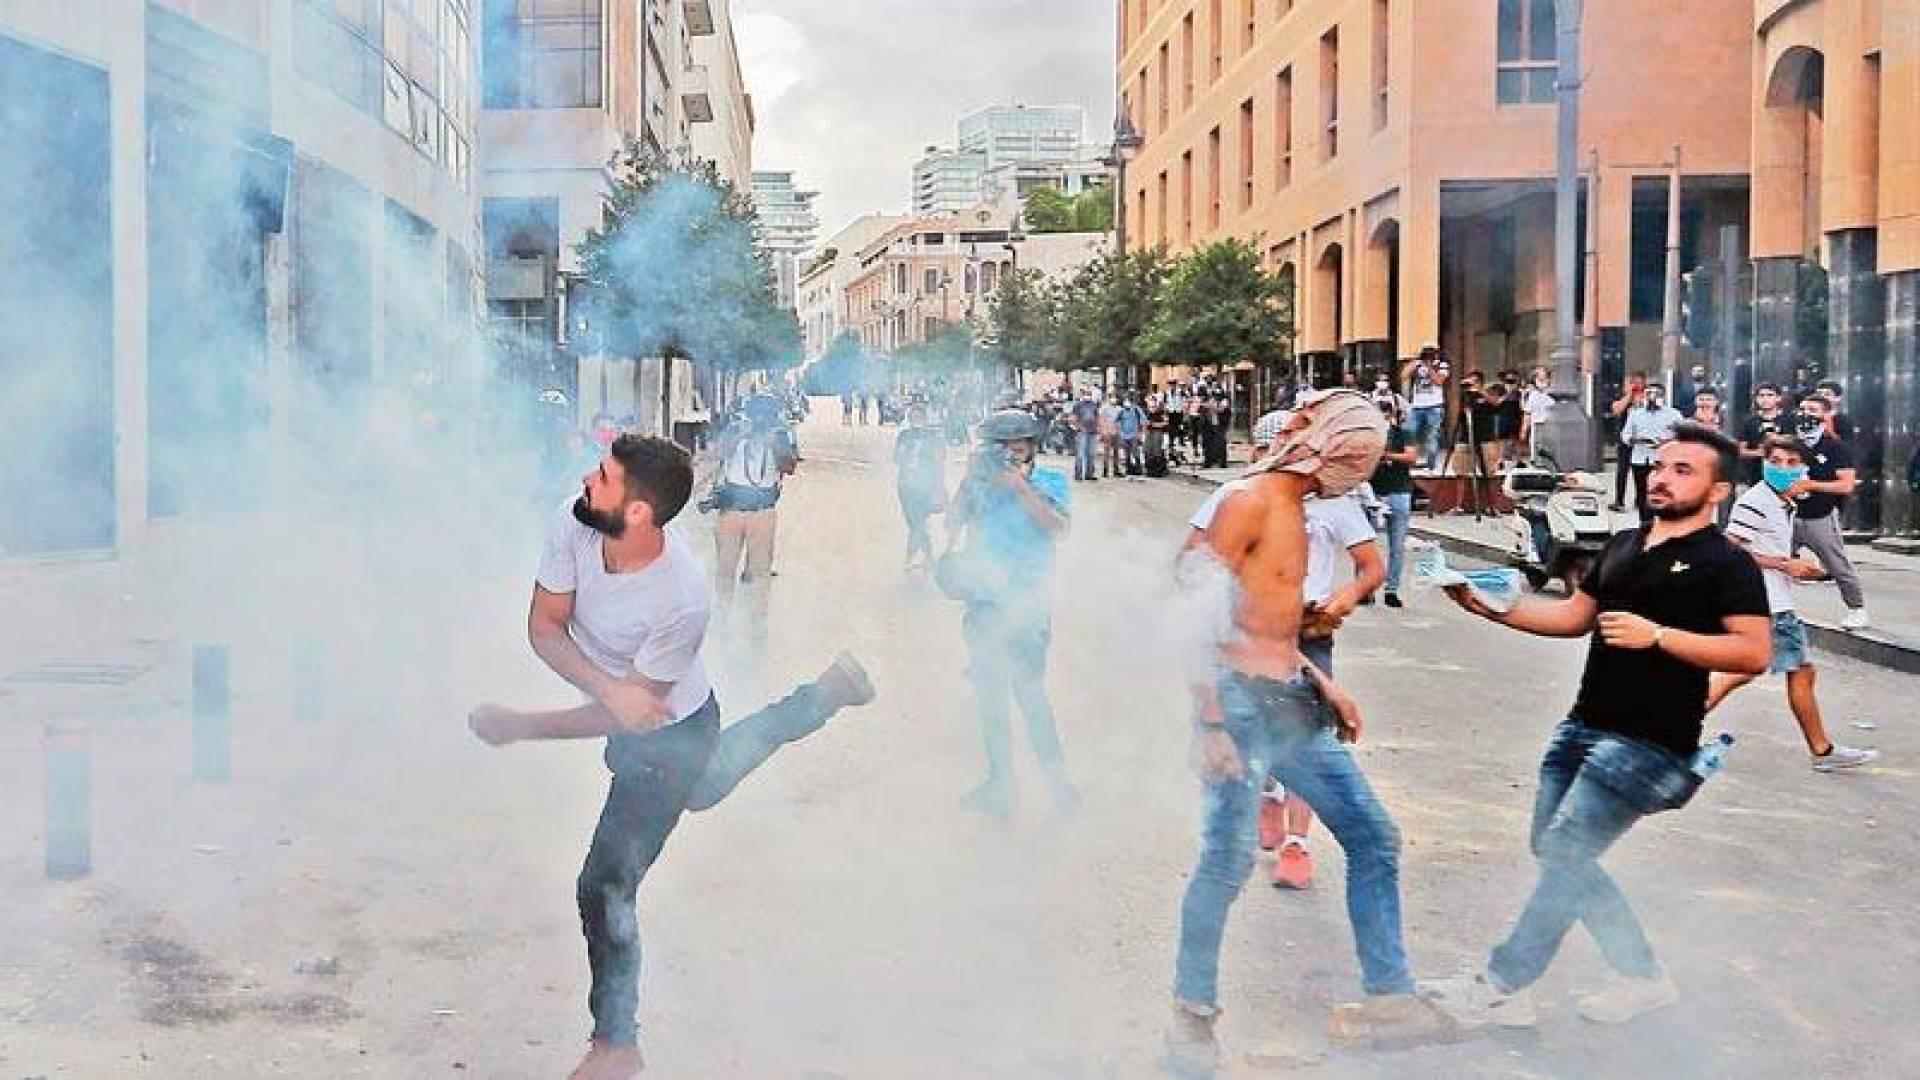 مواجهات وسط بيروت بين محتجين وقوات الأمن امس (أ.ف.ب)